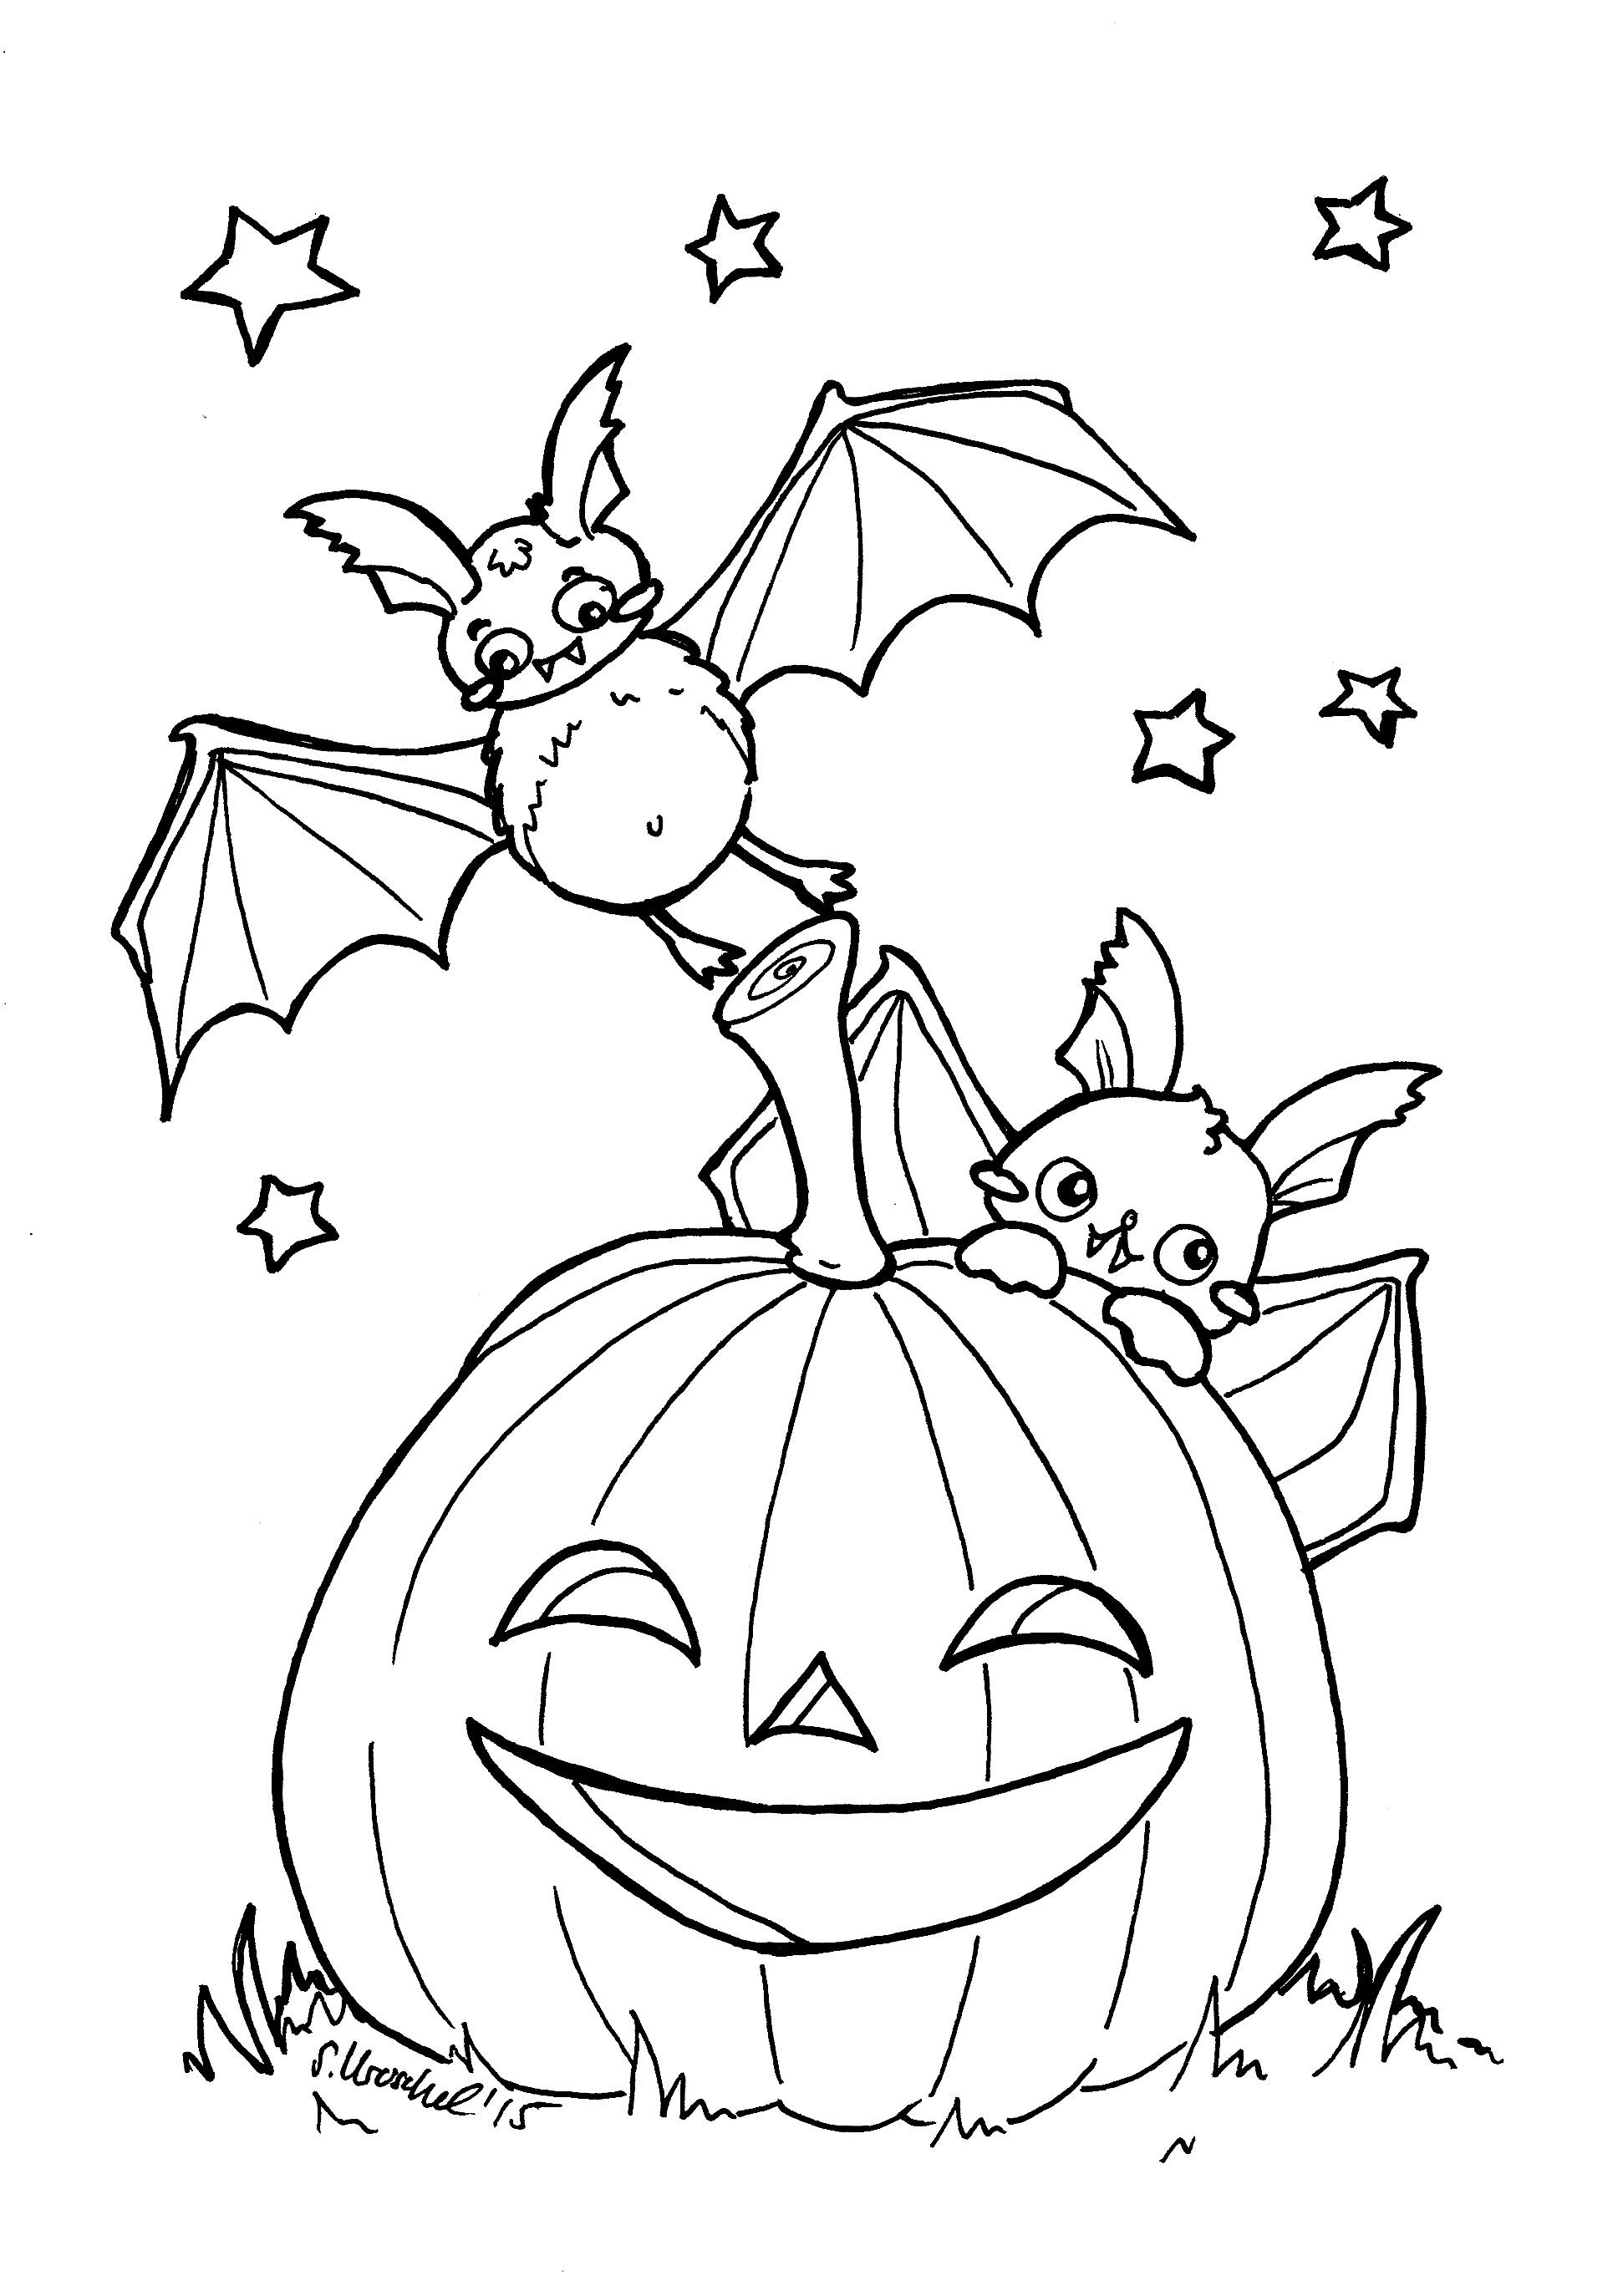 Halloween Ausmalbilder Fledermaus : Tolle Fledermaus Ausmalbilder Halloween Galerie Druckbare